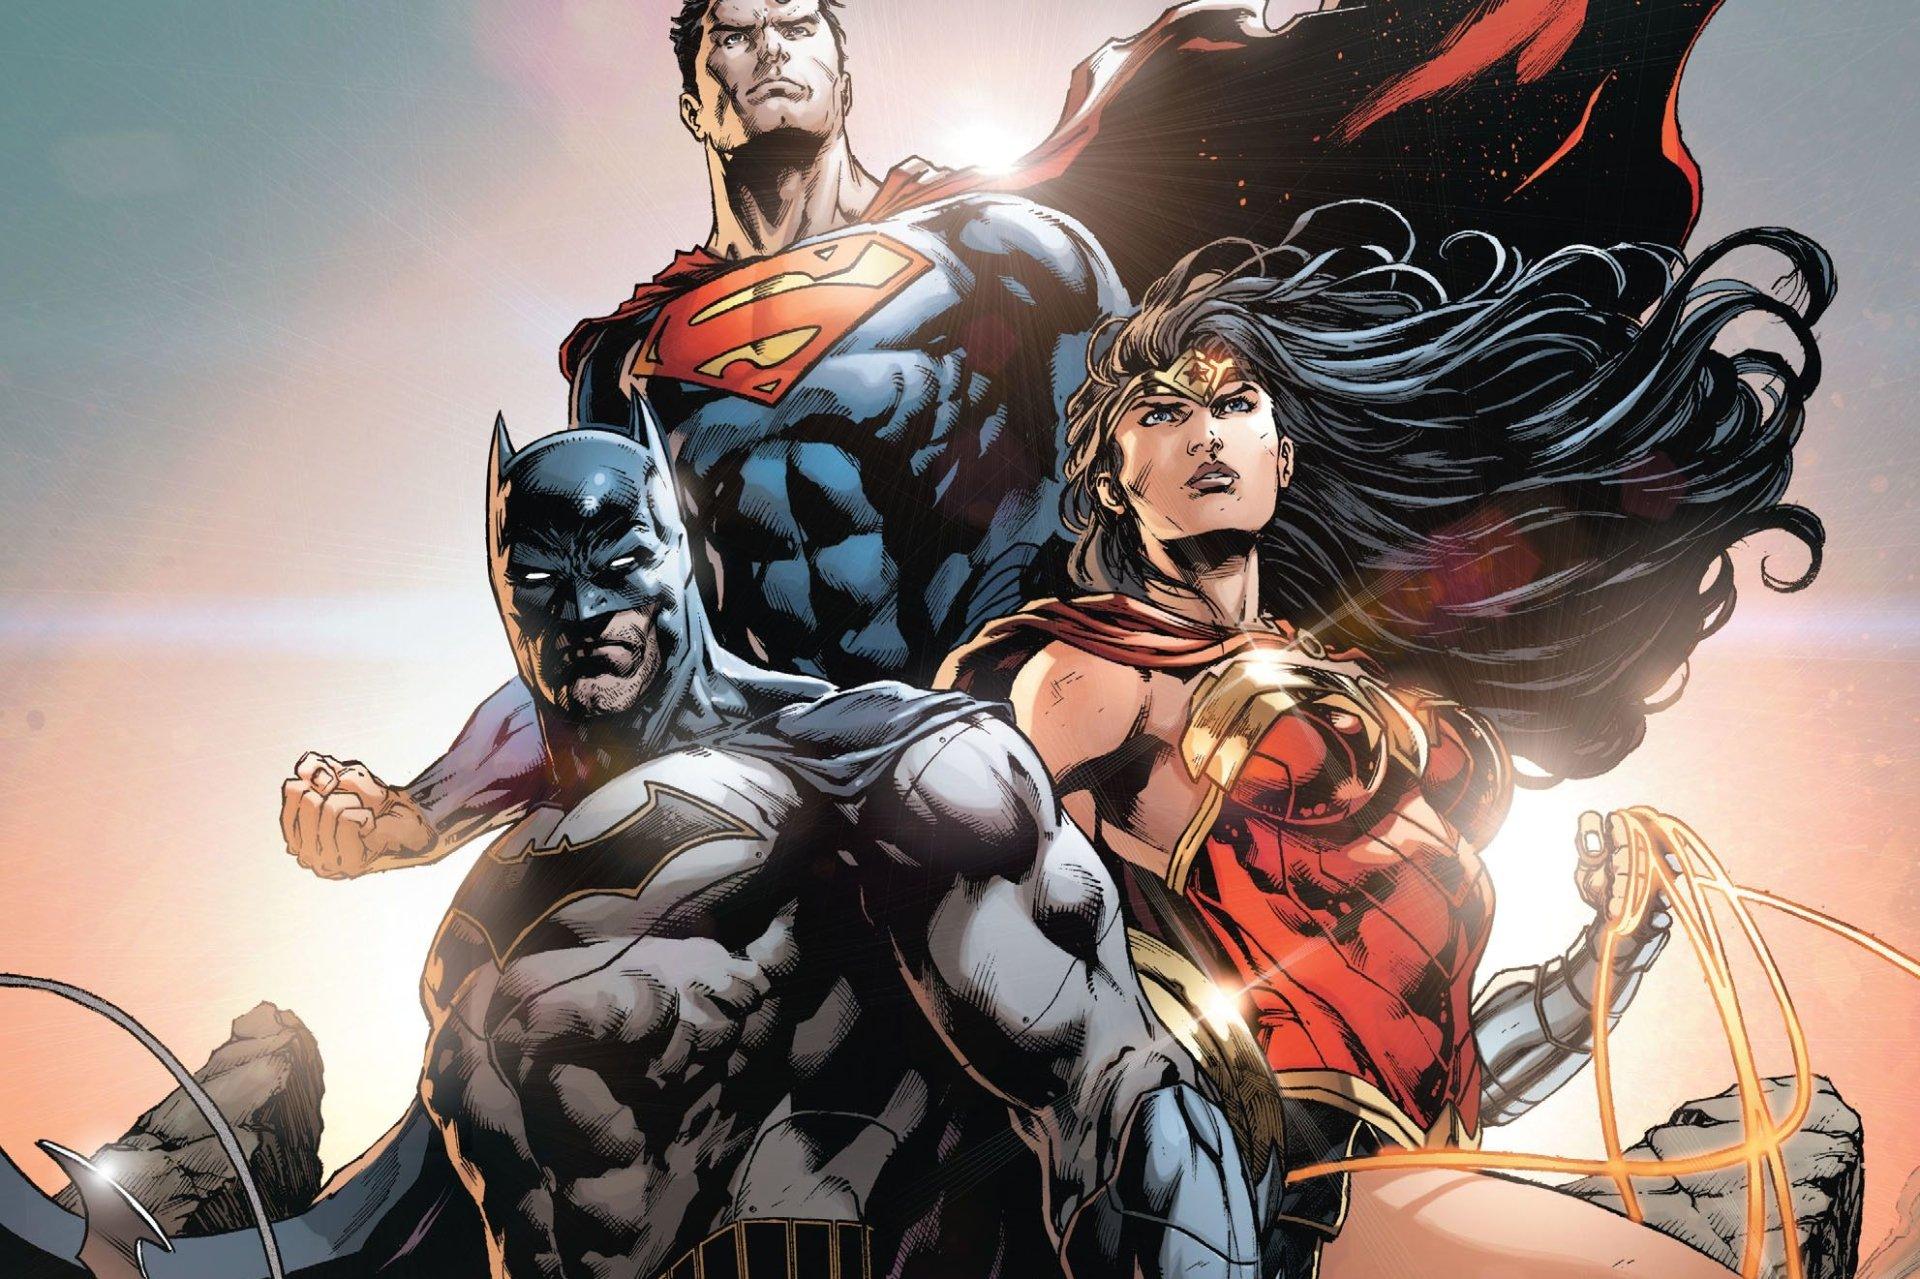 Fondos De Escritorio Hd Dc: Fondos De Pantalla De Superhéroes De DC Comics, Wallpapers HD